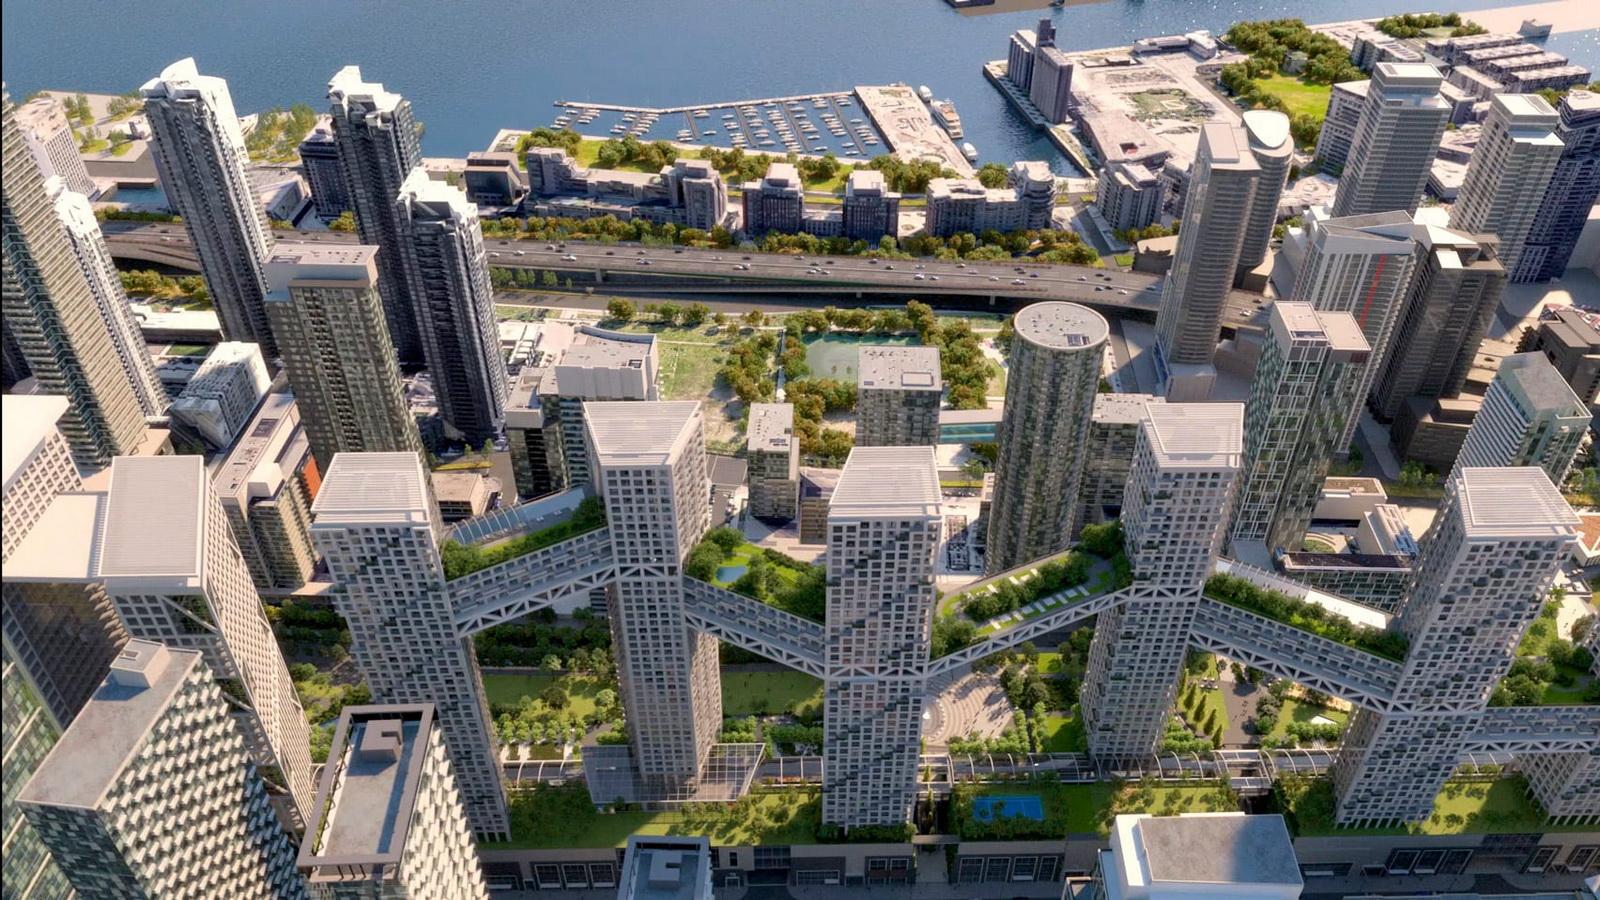 نگاهی به پروژه Orca طراح چند منظوره Safdie Architects